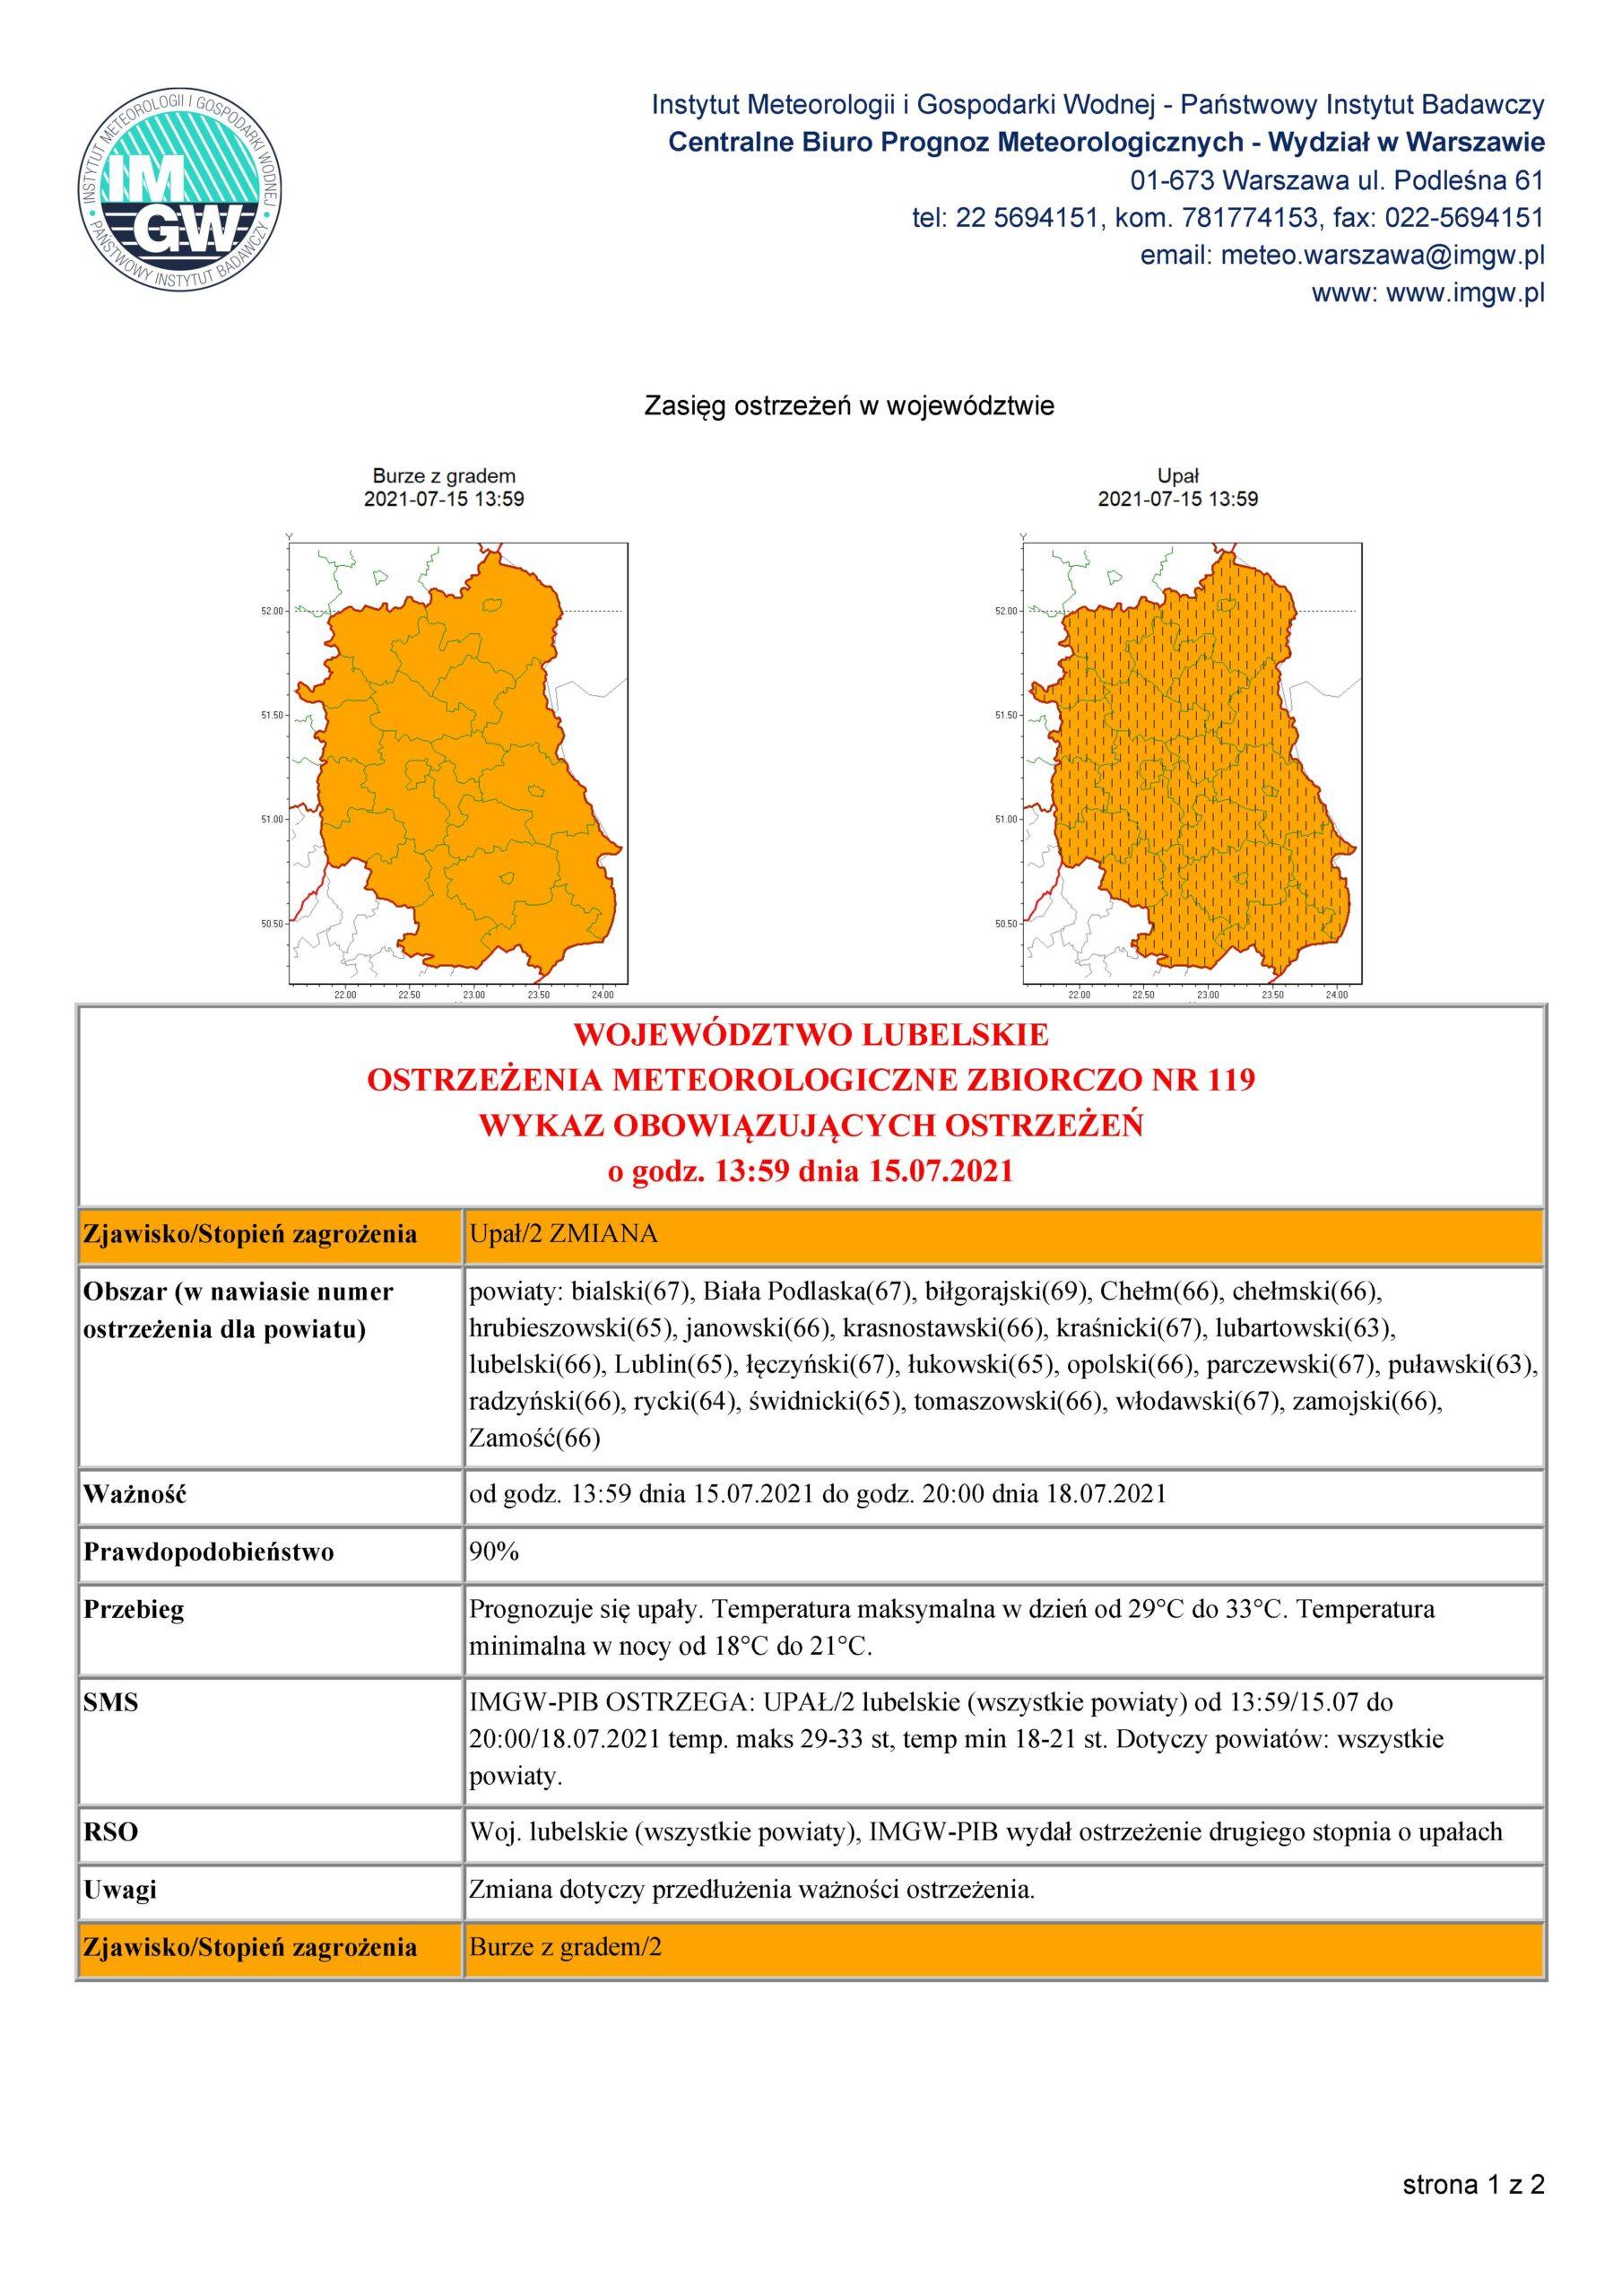 Ostrzeżenie meteorologiczne Nr 119 z dnia 15.07.2021 r.